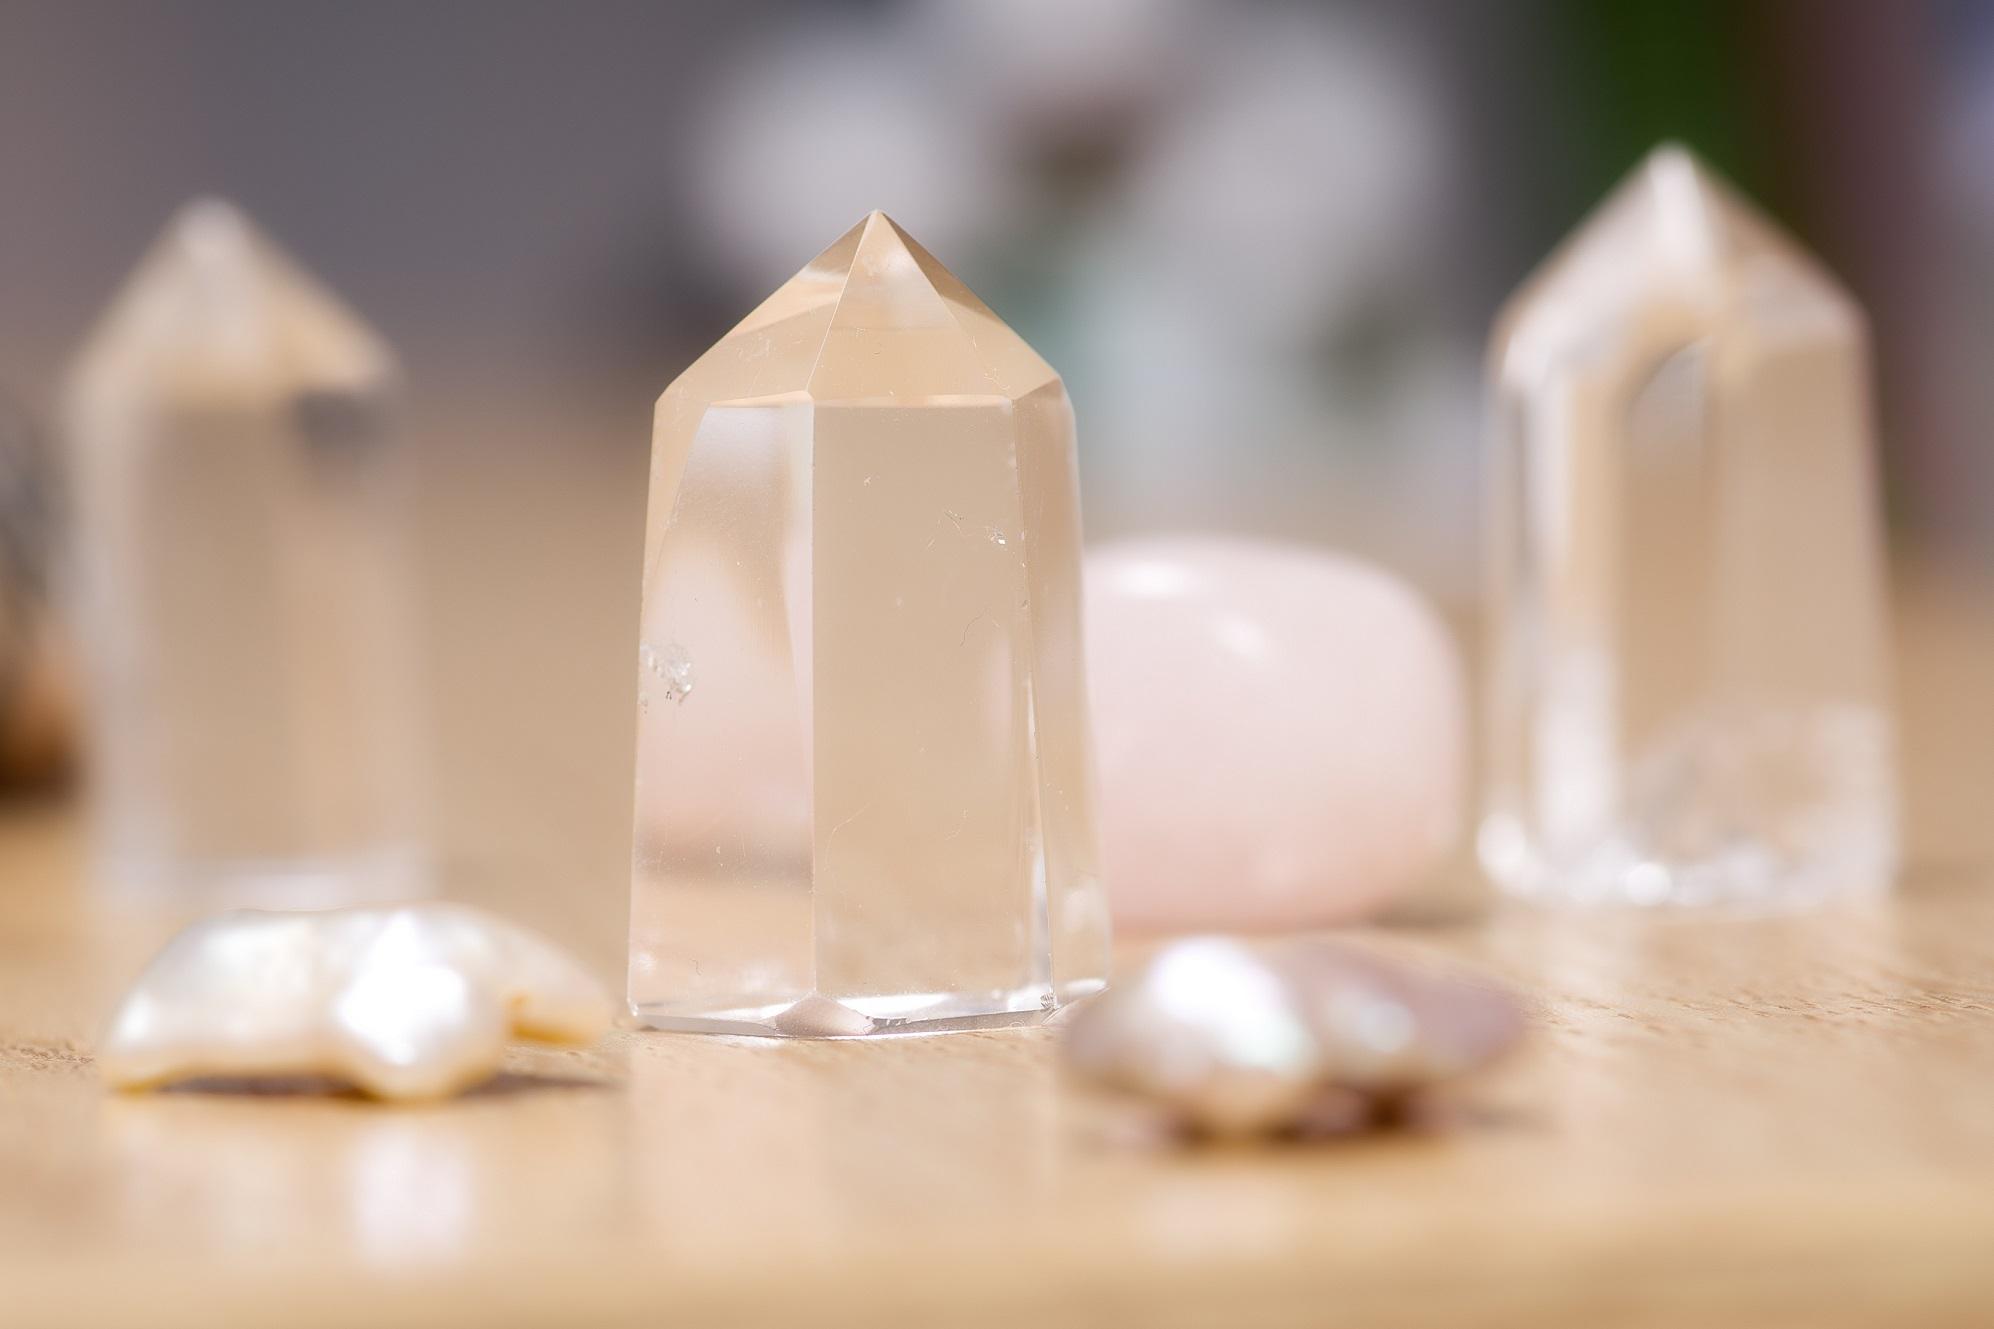 kristallen workshops